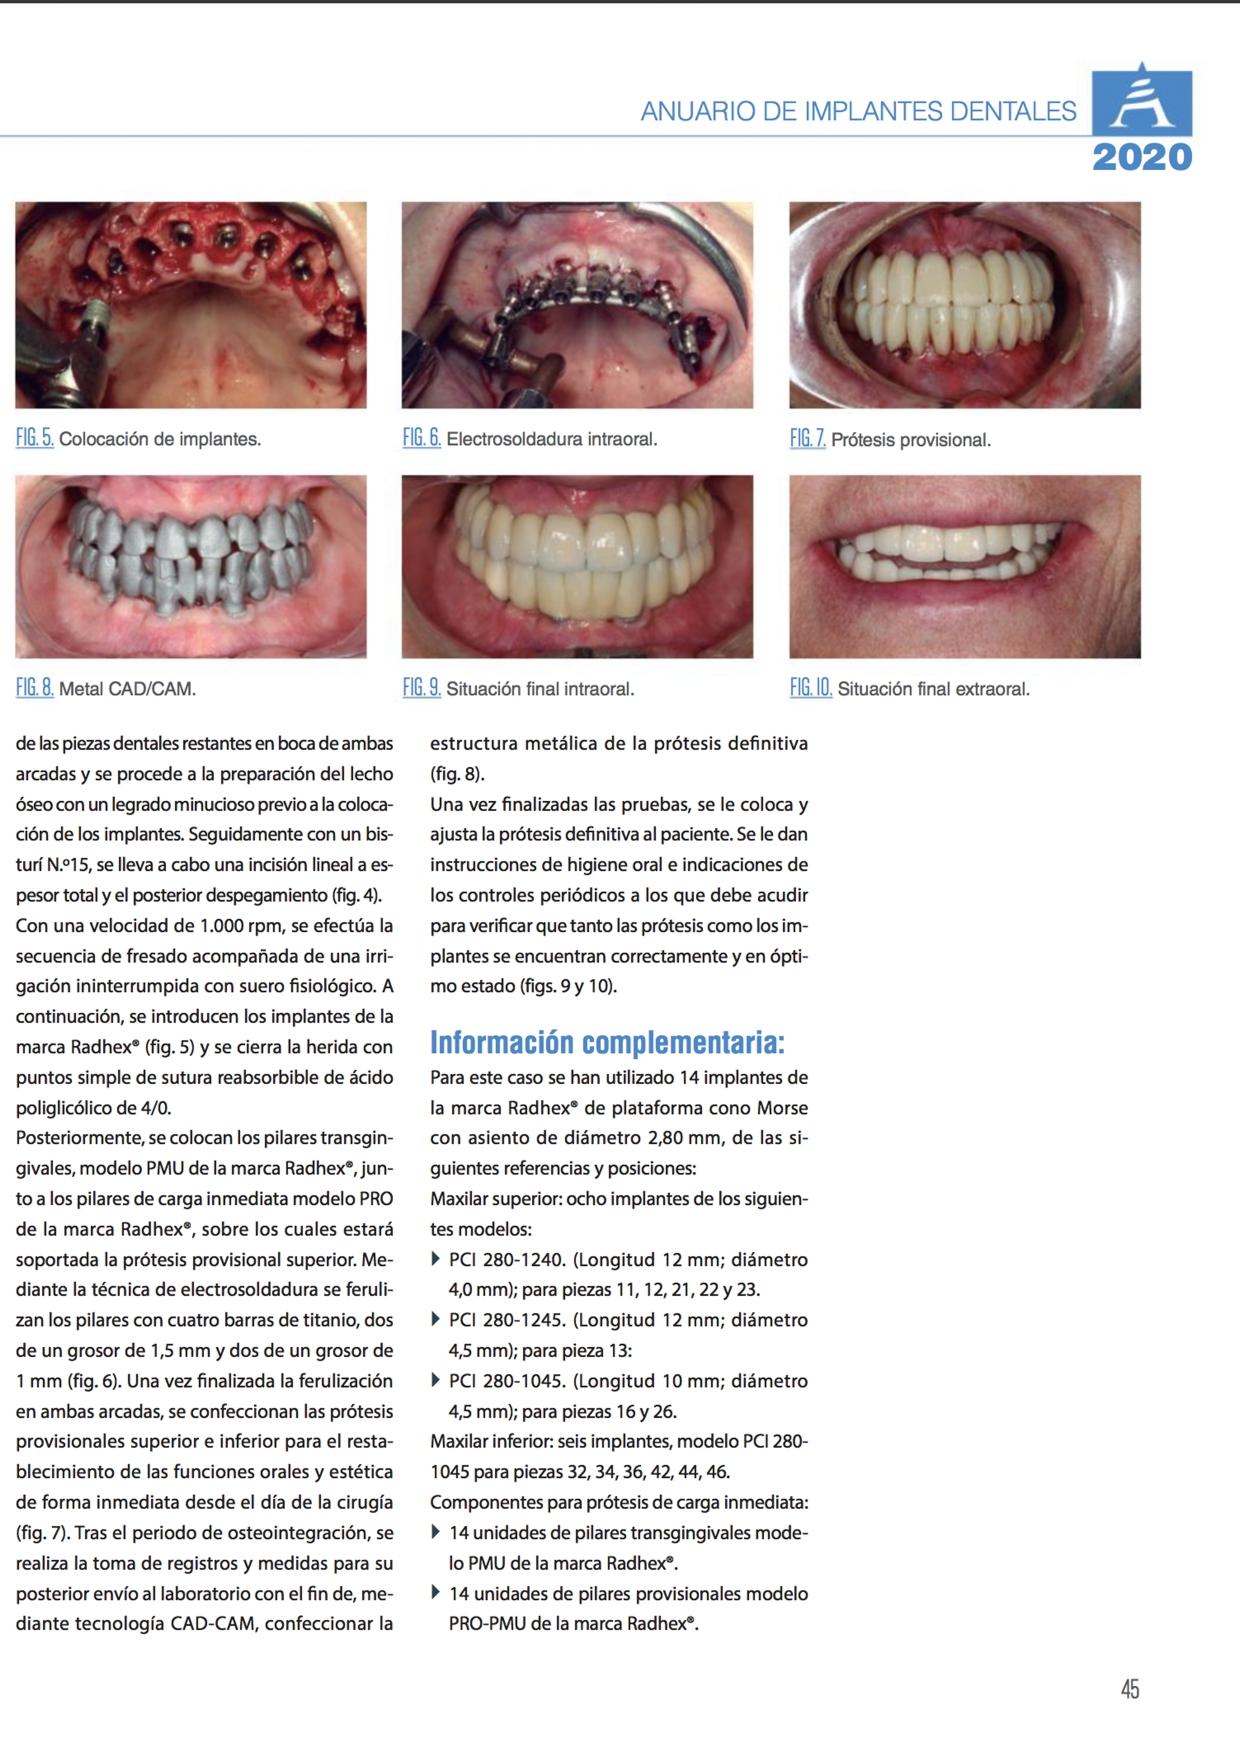 Anuario dental 2020 Radhex_page-0002